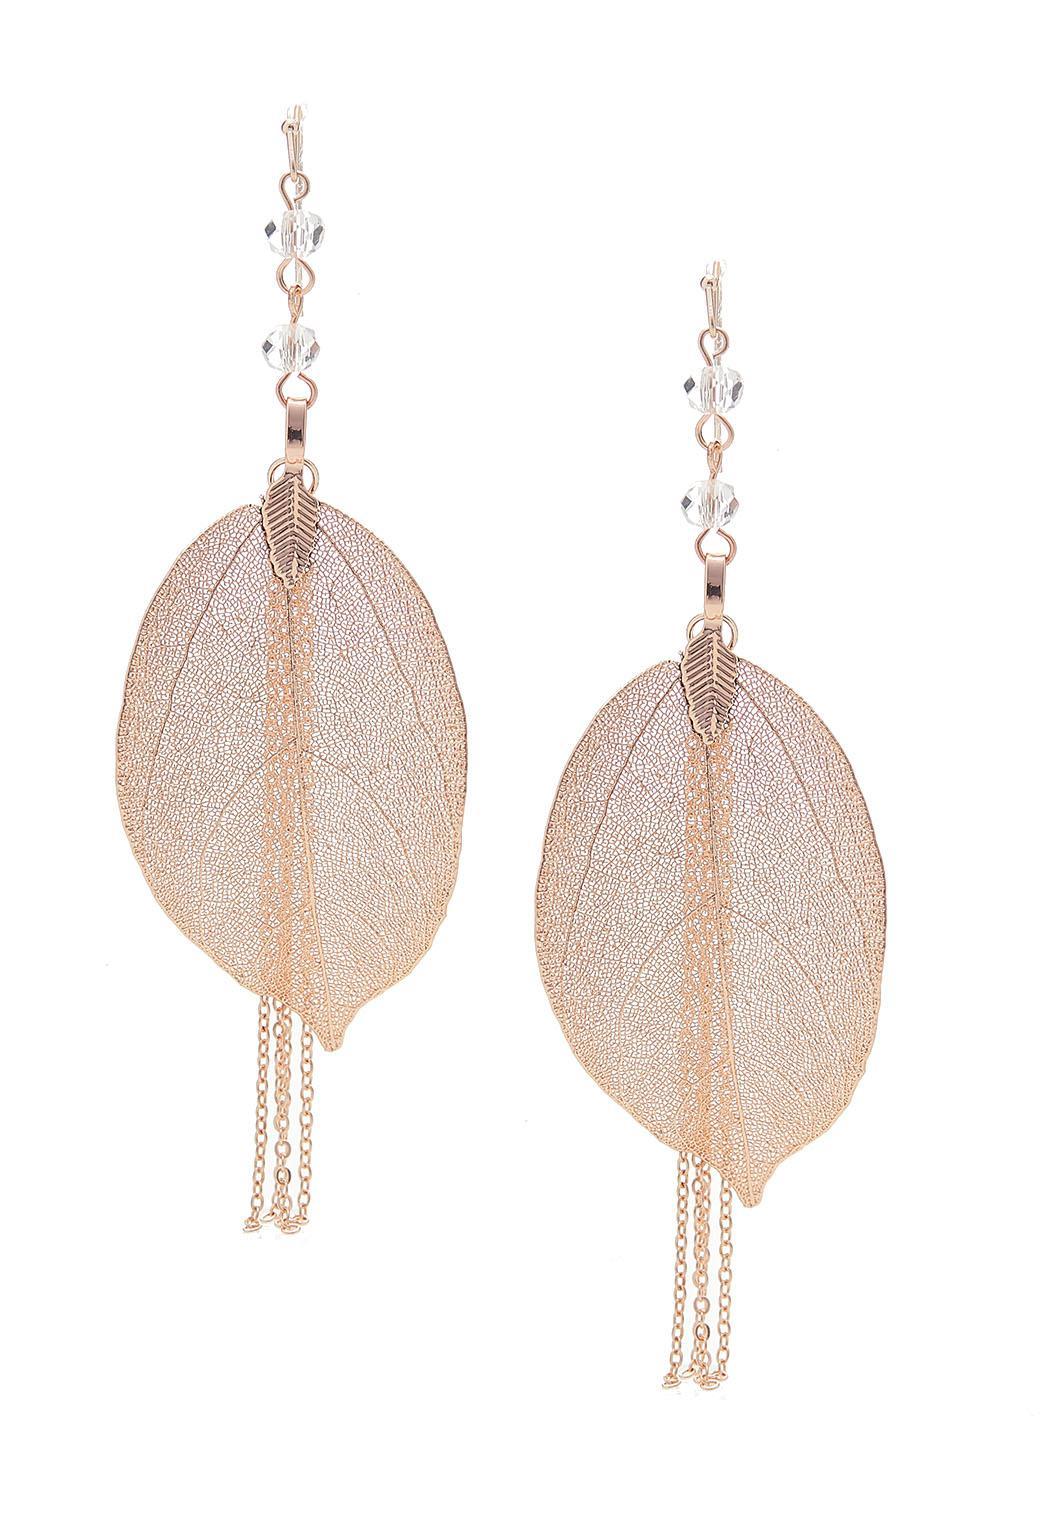 Delicate Tasseled Leaf Earrings